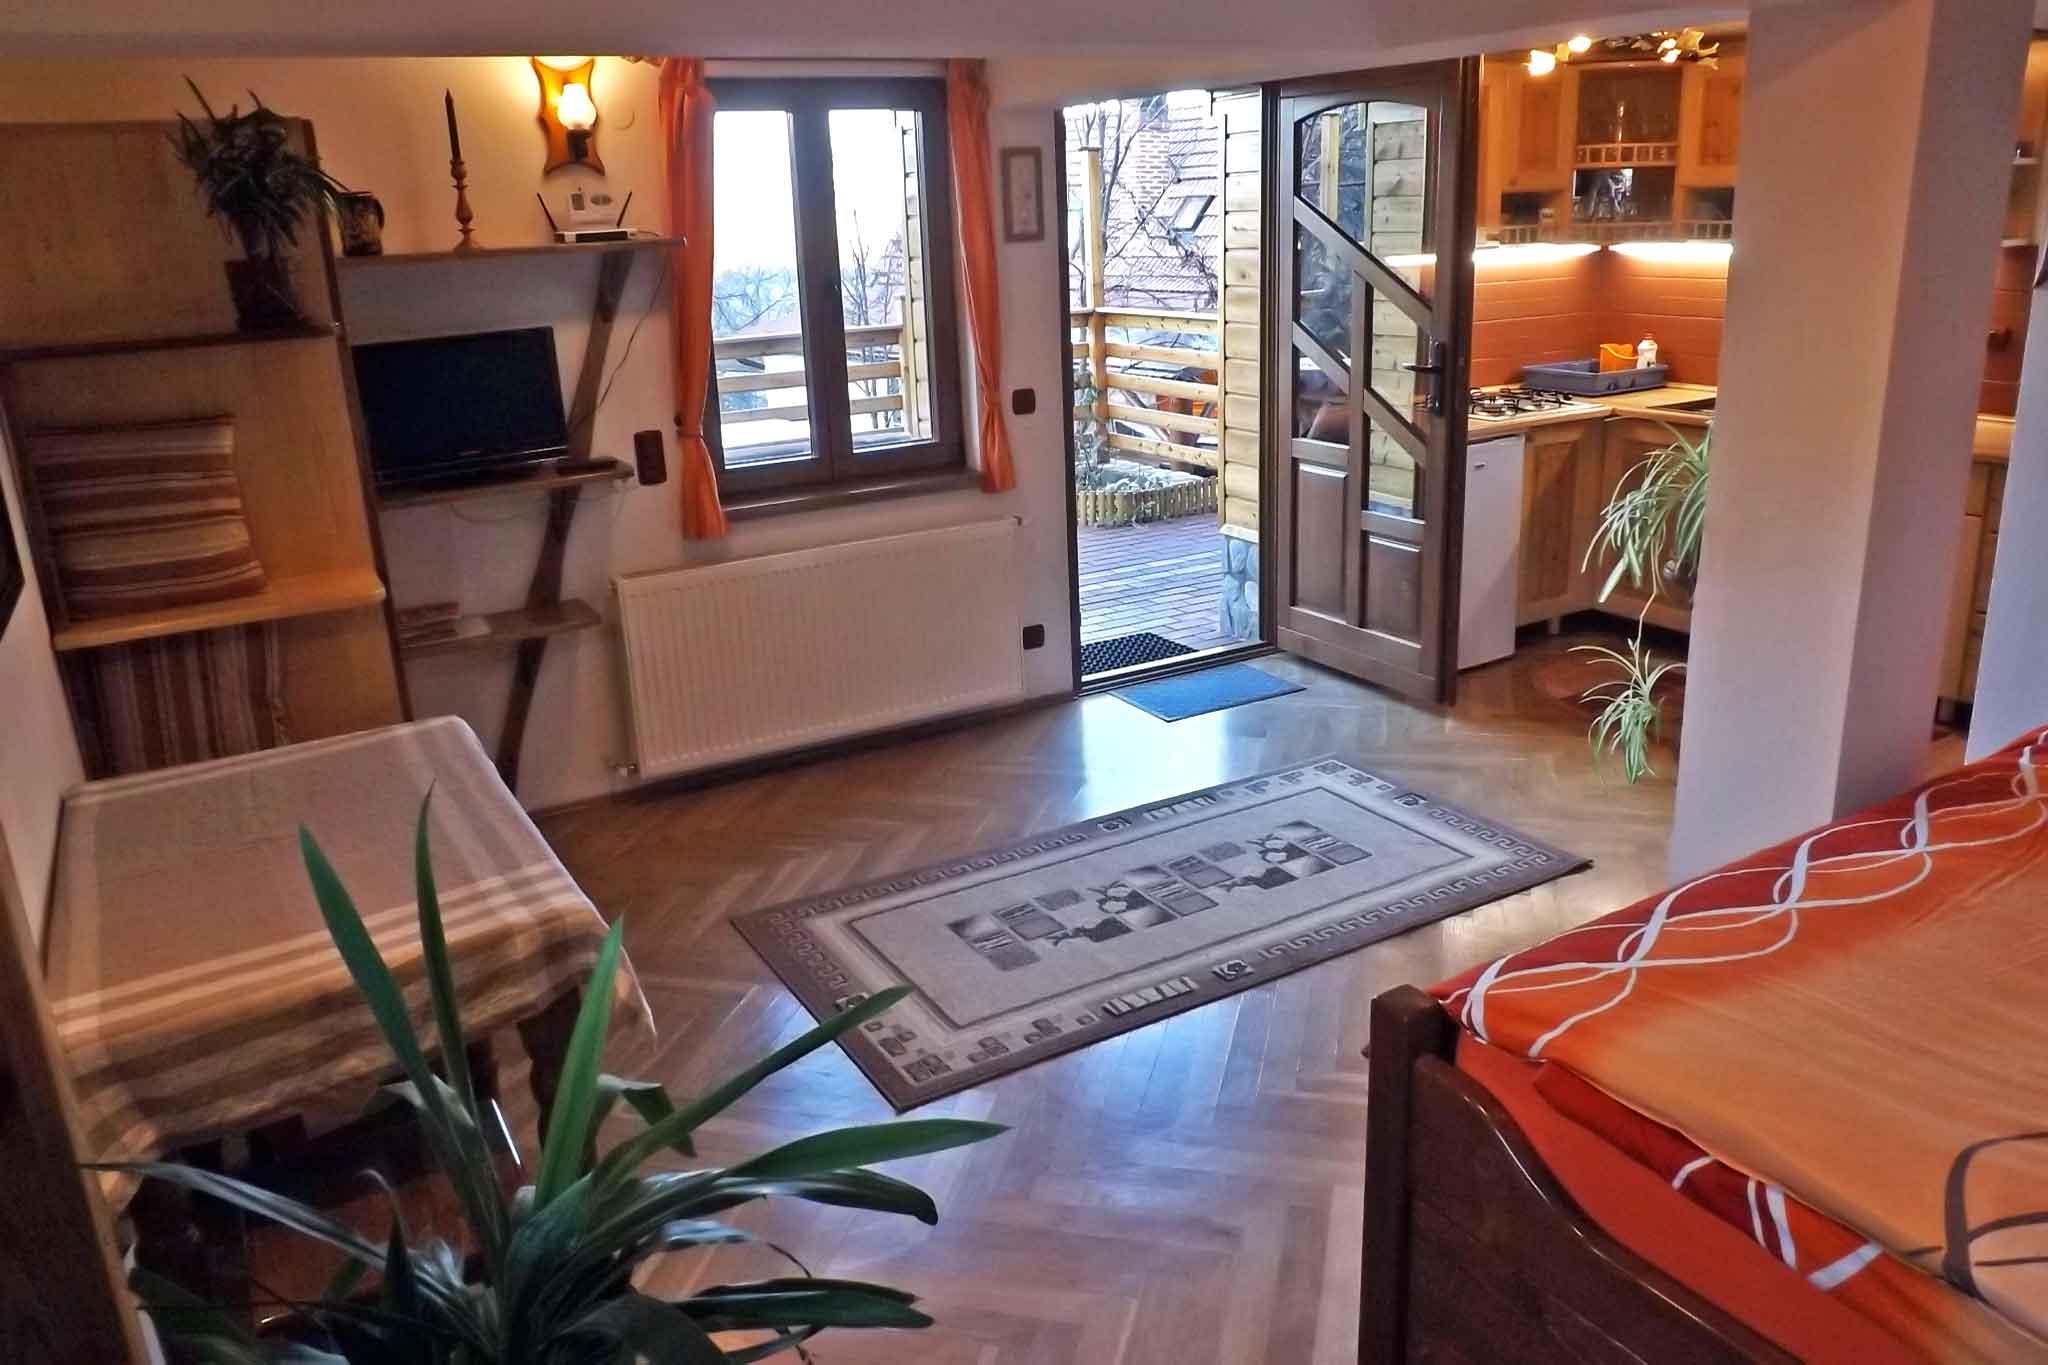 location appartement sibiu pour des célibataires en vacances en roumanie